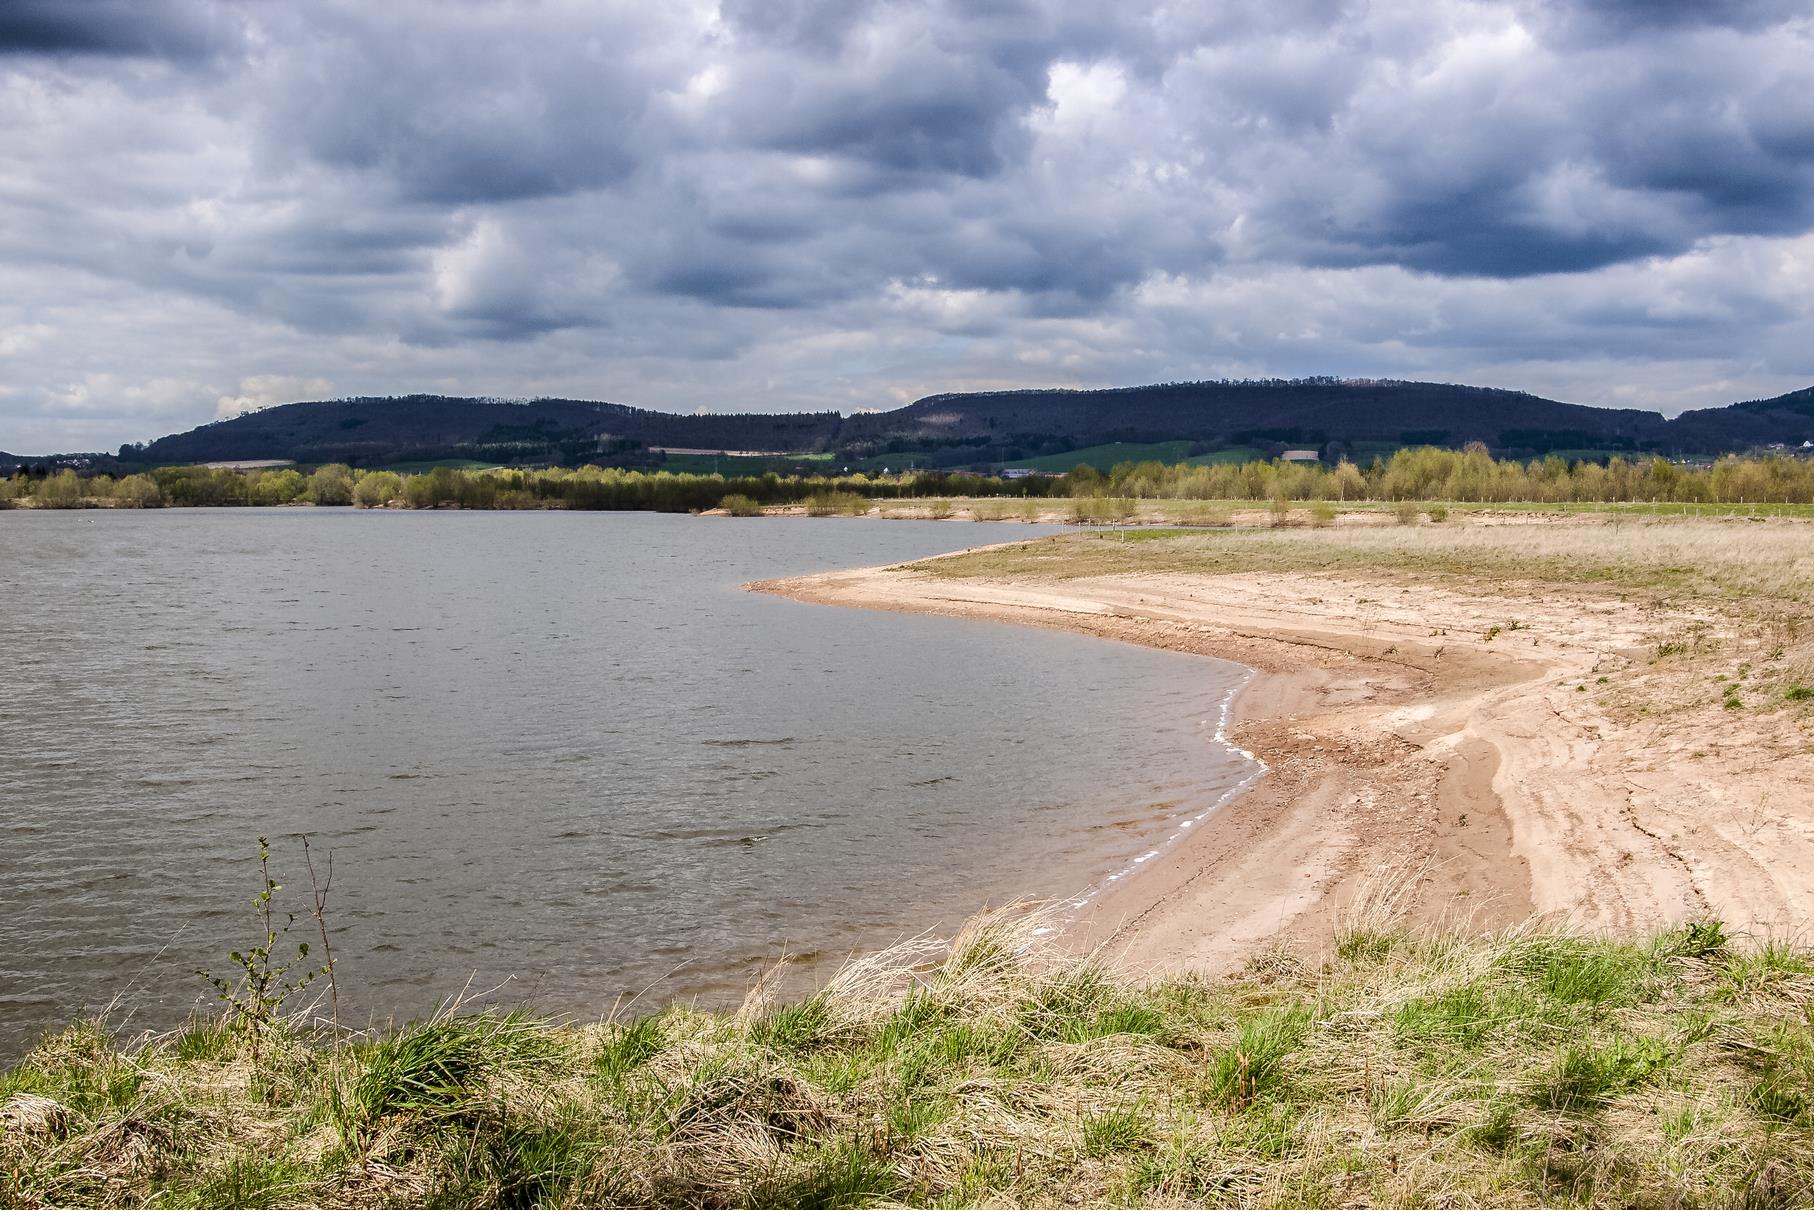 Dunkle Wolken über den Kiesteichen des Naturschutzgebietes.